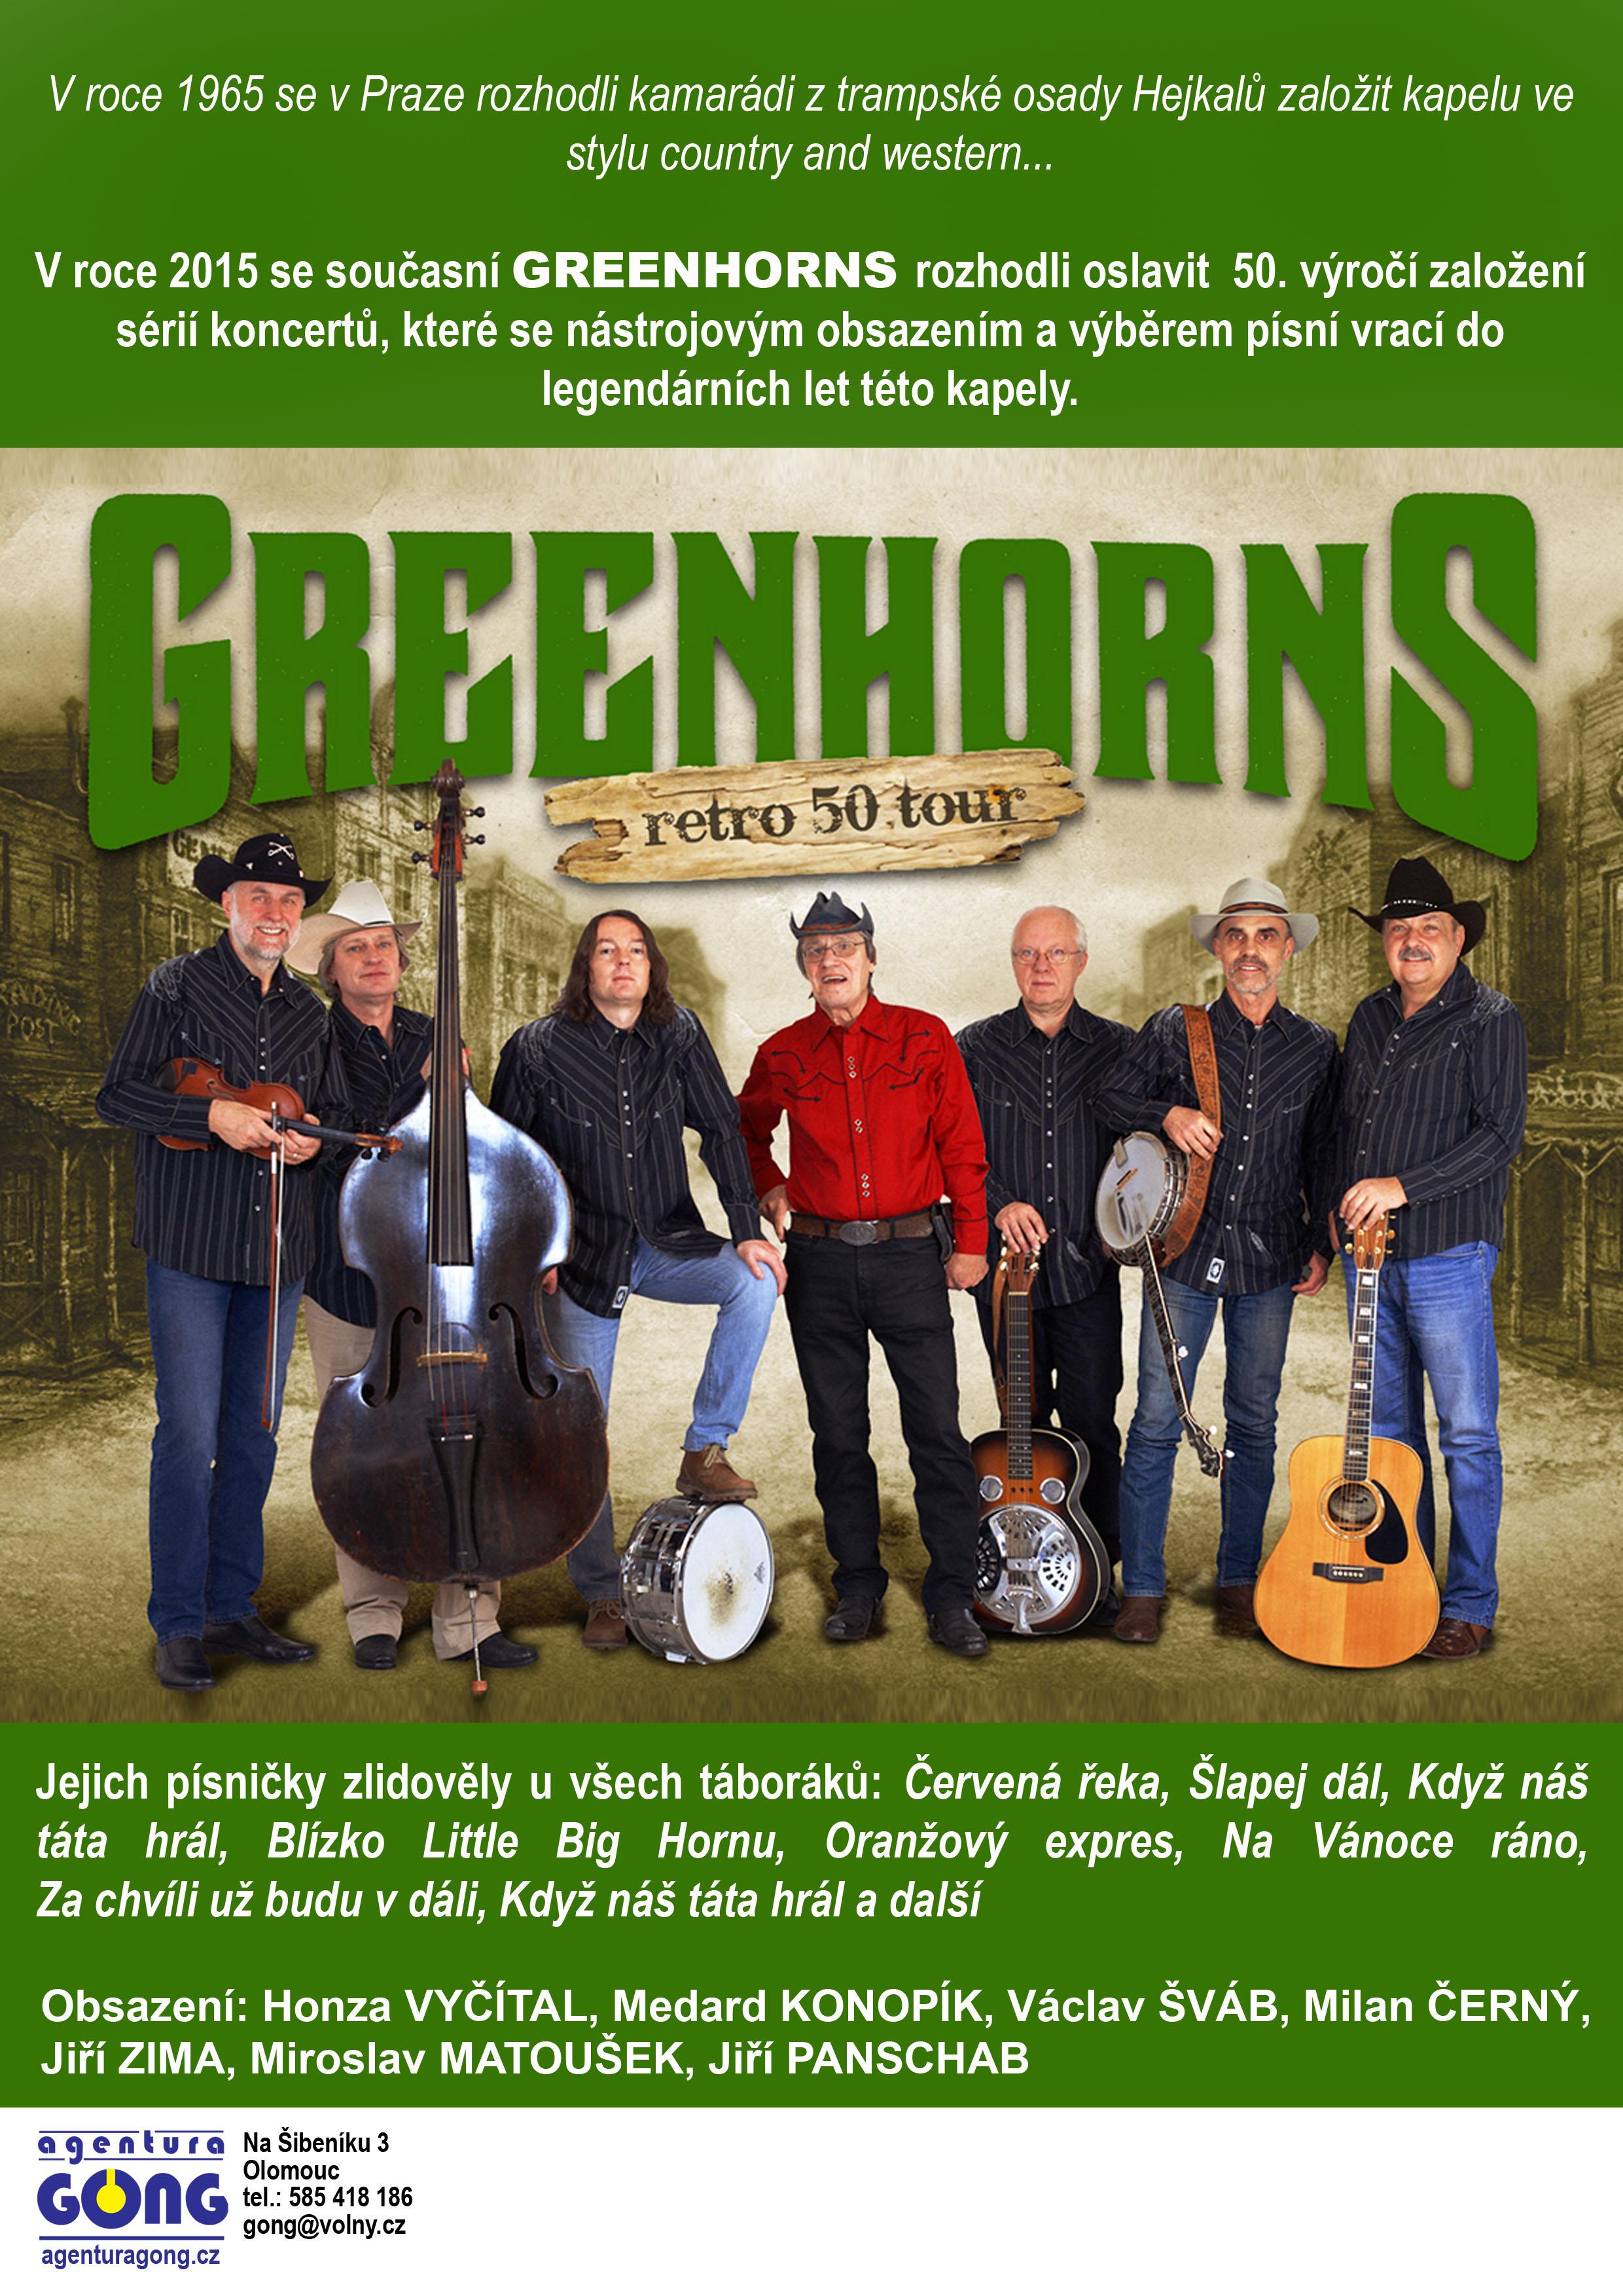 """Úterý 10. 11. v 19,30 hod. - """"GREENHORNS RETRO 50 TOUR"""" /koncert/, obrázek se otevře v novém okně"""